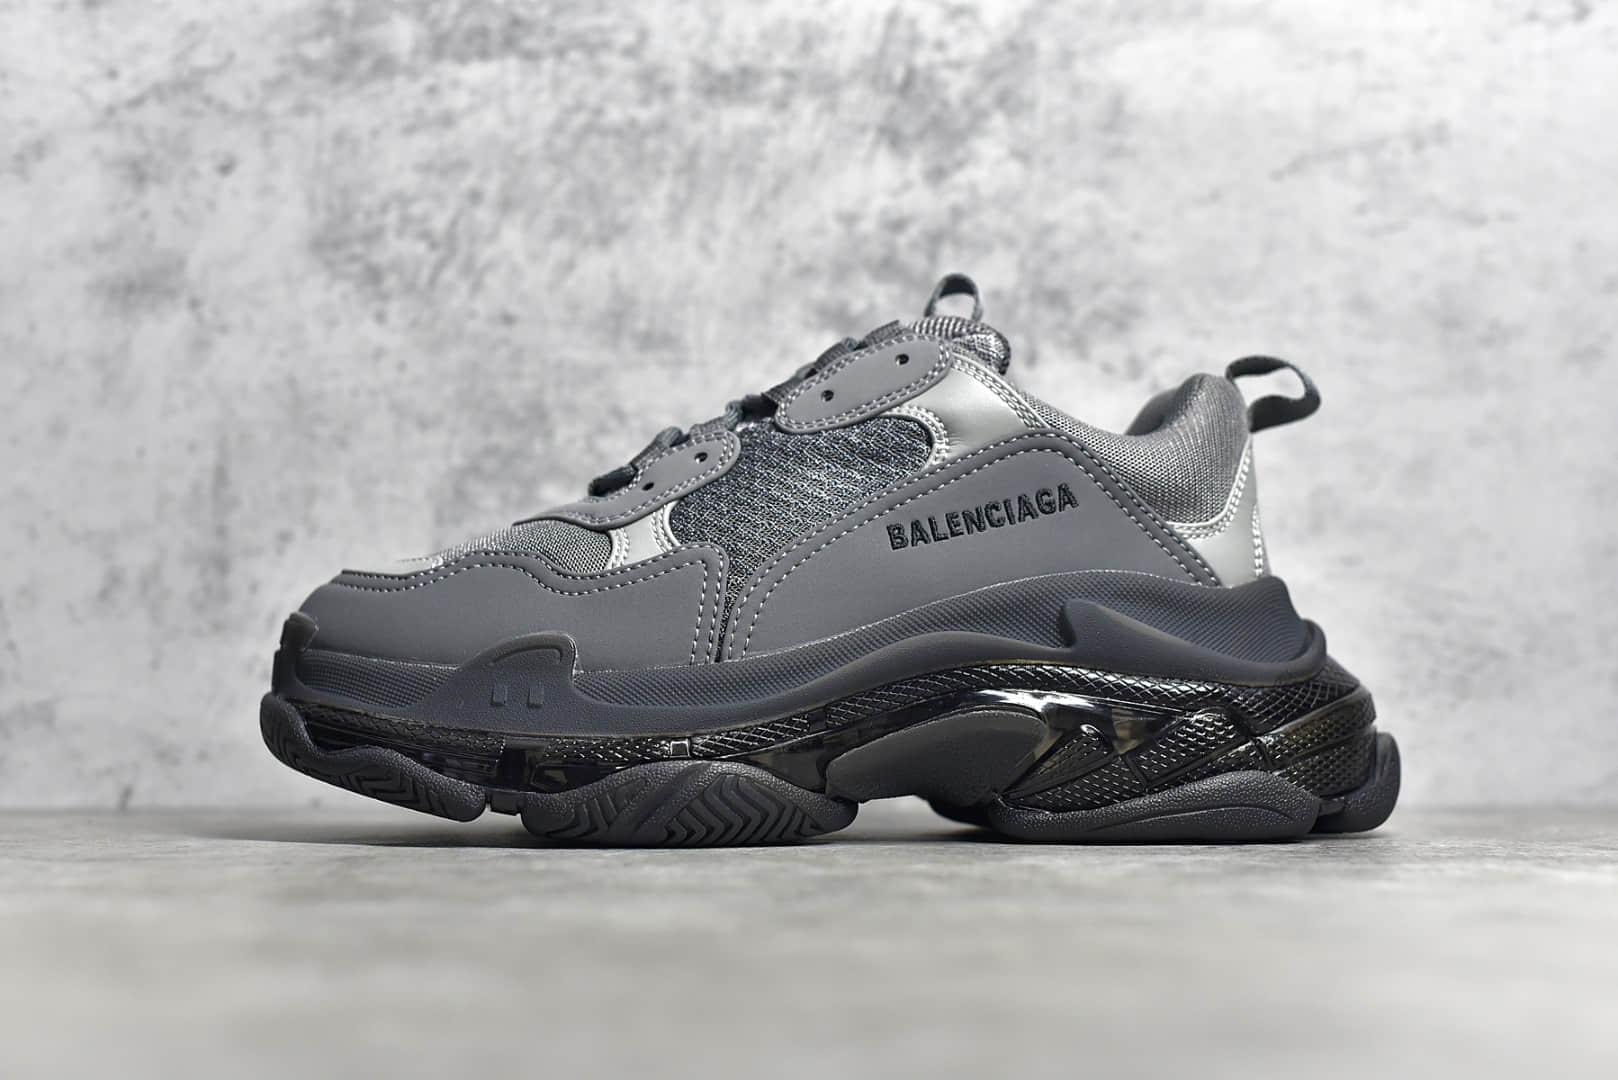 巴黎世家灰黑色老爹鞋 Balenciaga Triple S 黑灰 意产纯原版本巴黎世家代工厂-潮流者之家